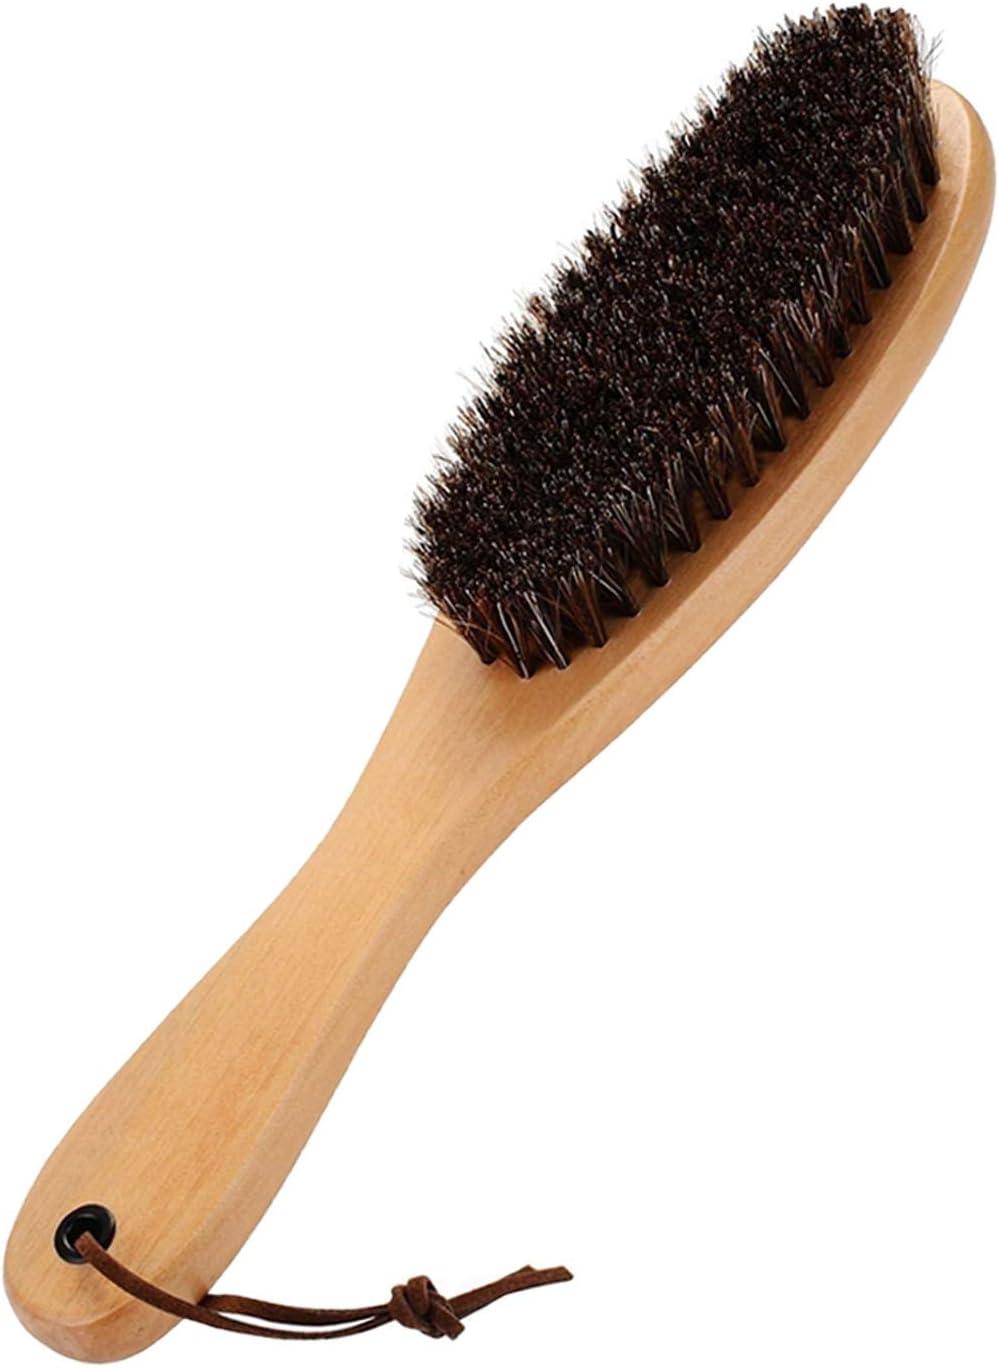 Cepillo para Ropa, Remover Pelusa, cerdas de Crin de Caballo genuinas, Suaves, auténticas, con Mango de Madera de Cokaka, 1-Pack (Solid Wood)